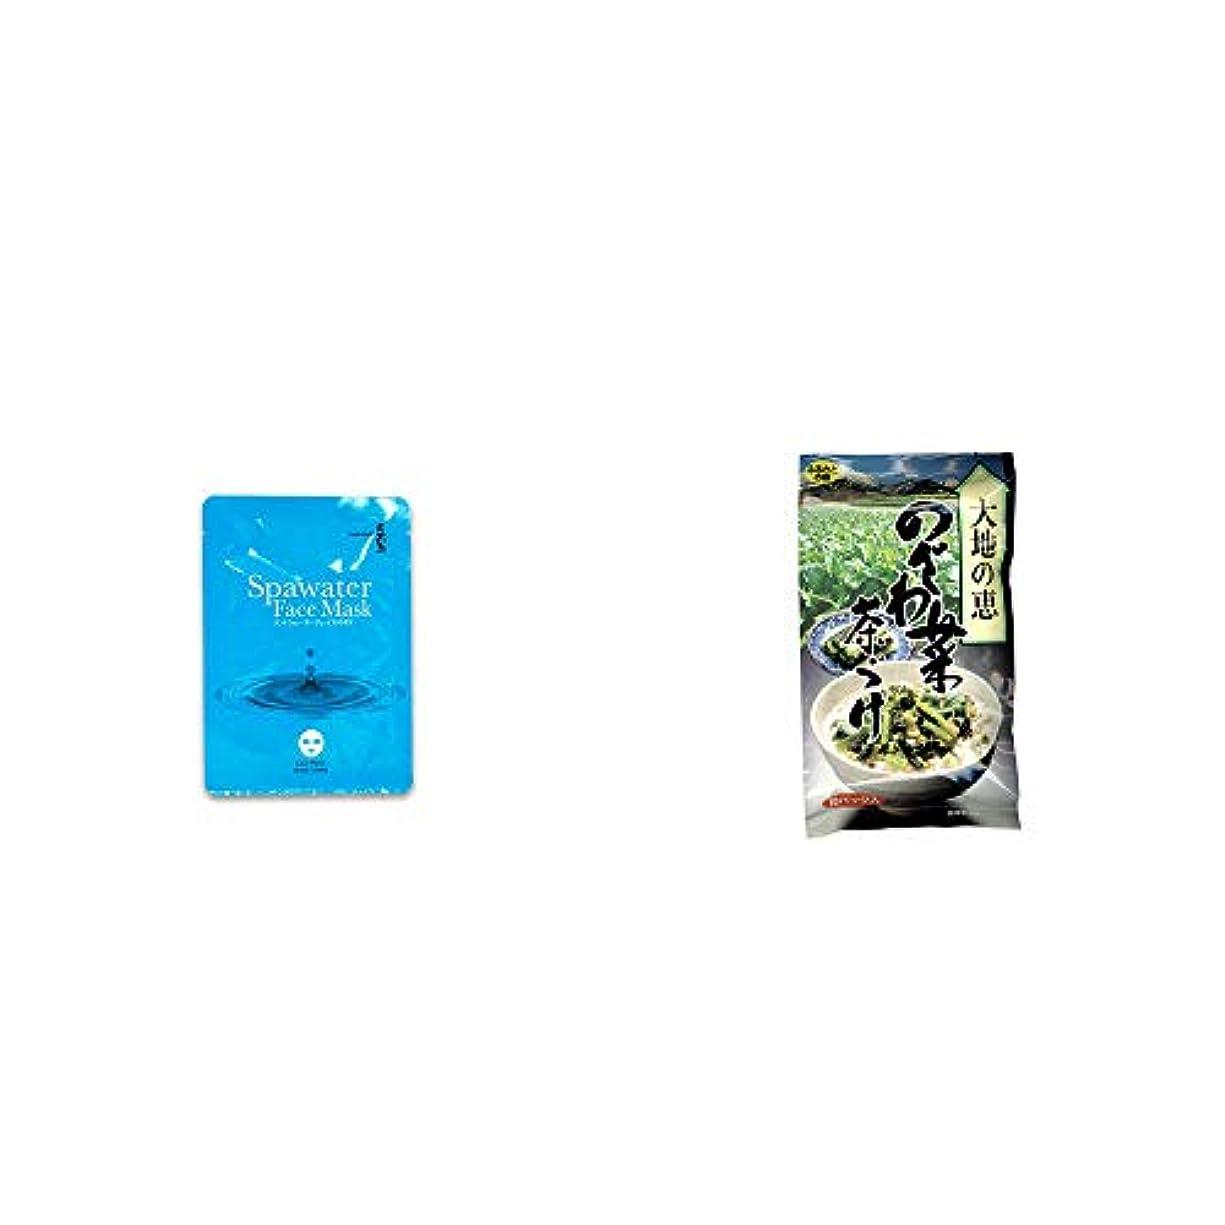 海賊同情幅[2点セット] ひのき炭黒泉 スパウォーターフェイスマスク(18ml×3枚入)?特選茶漬け 大地の恵 のざわ菜茶づけ(10袋入)